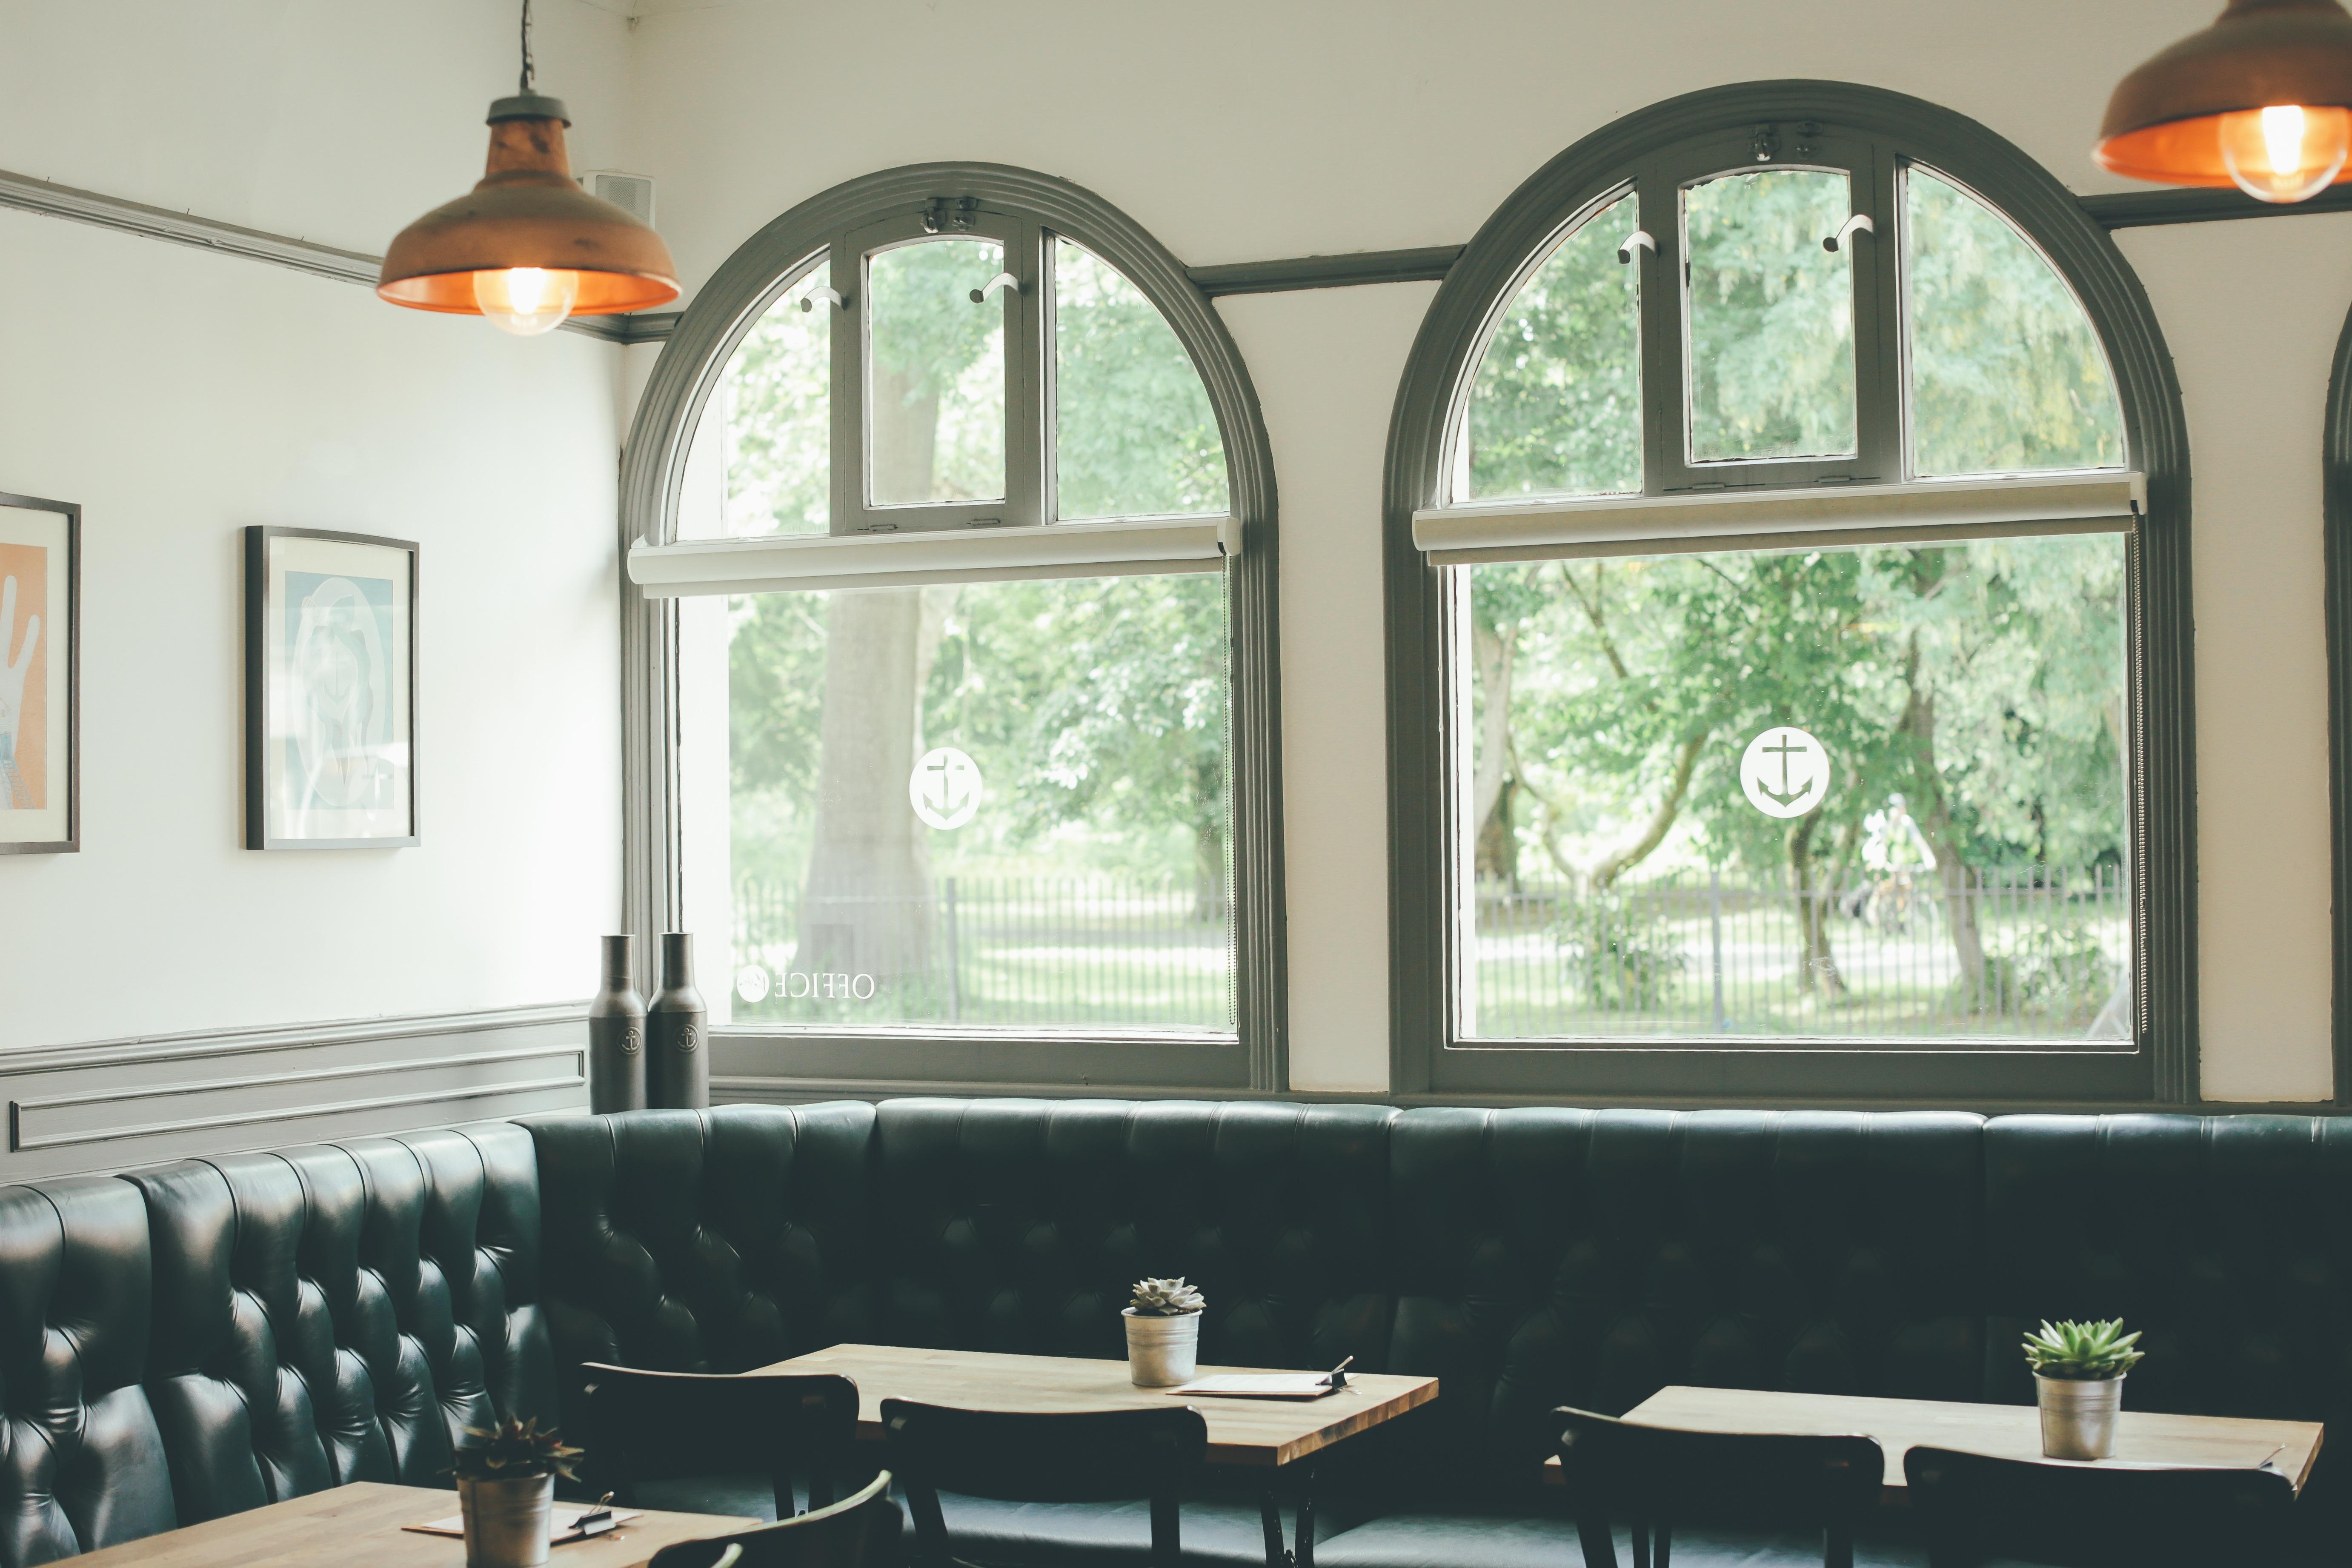 무료 이미지 : 표, 카페, 빛, 내부, 창문, 시골집, 재산, 거실, 가구 ...